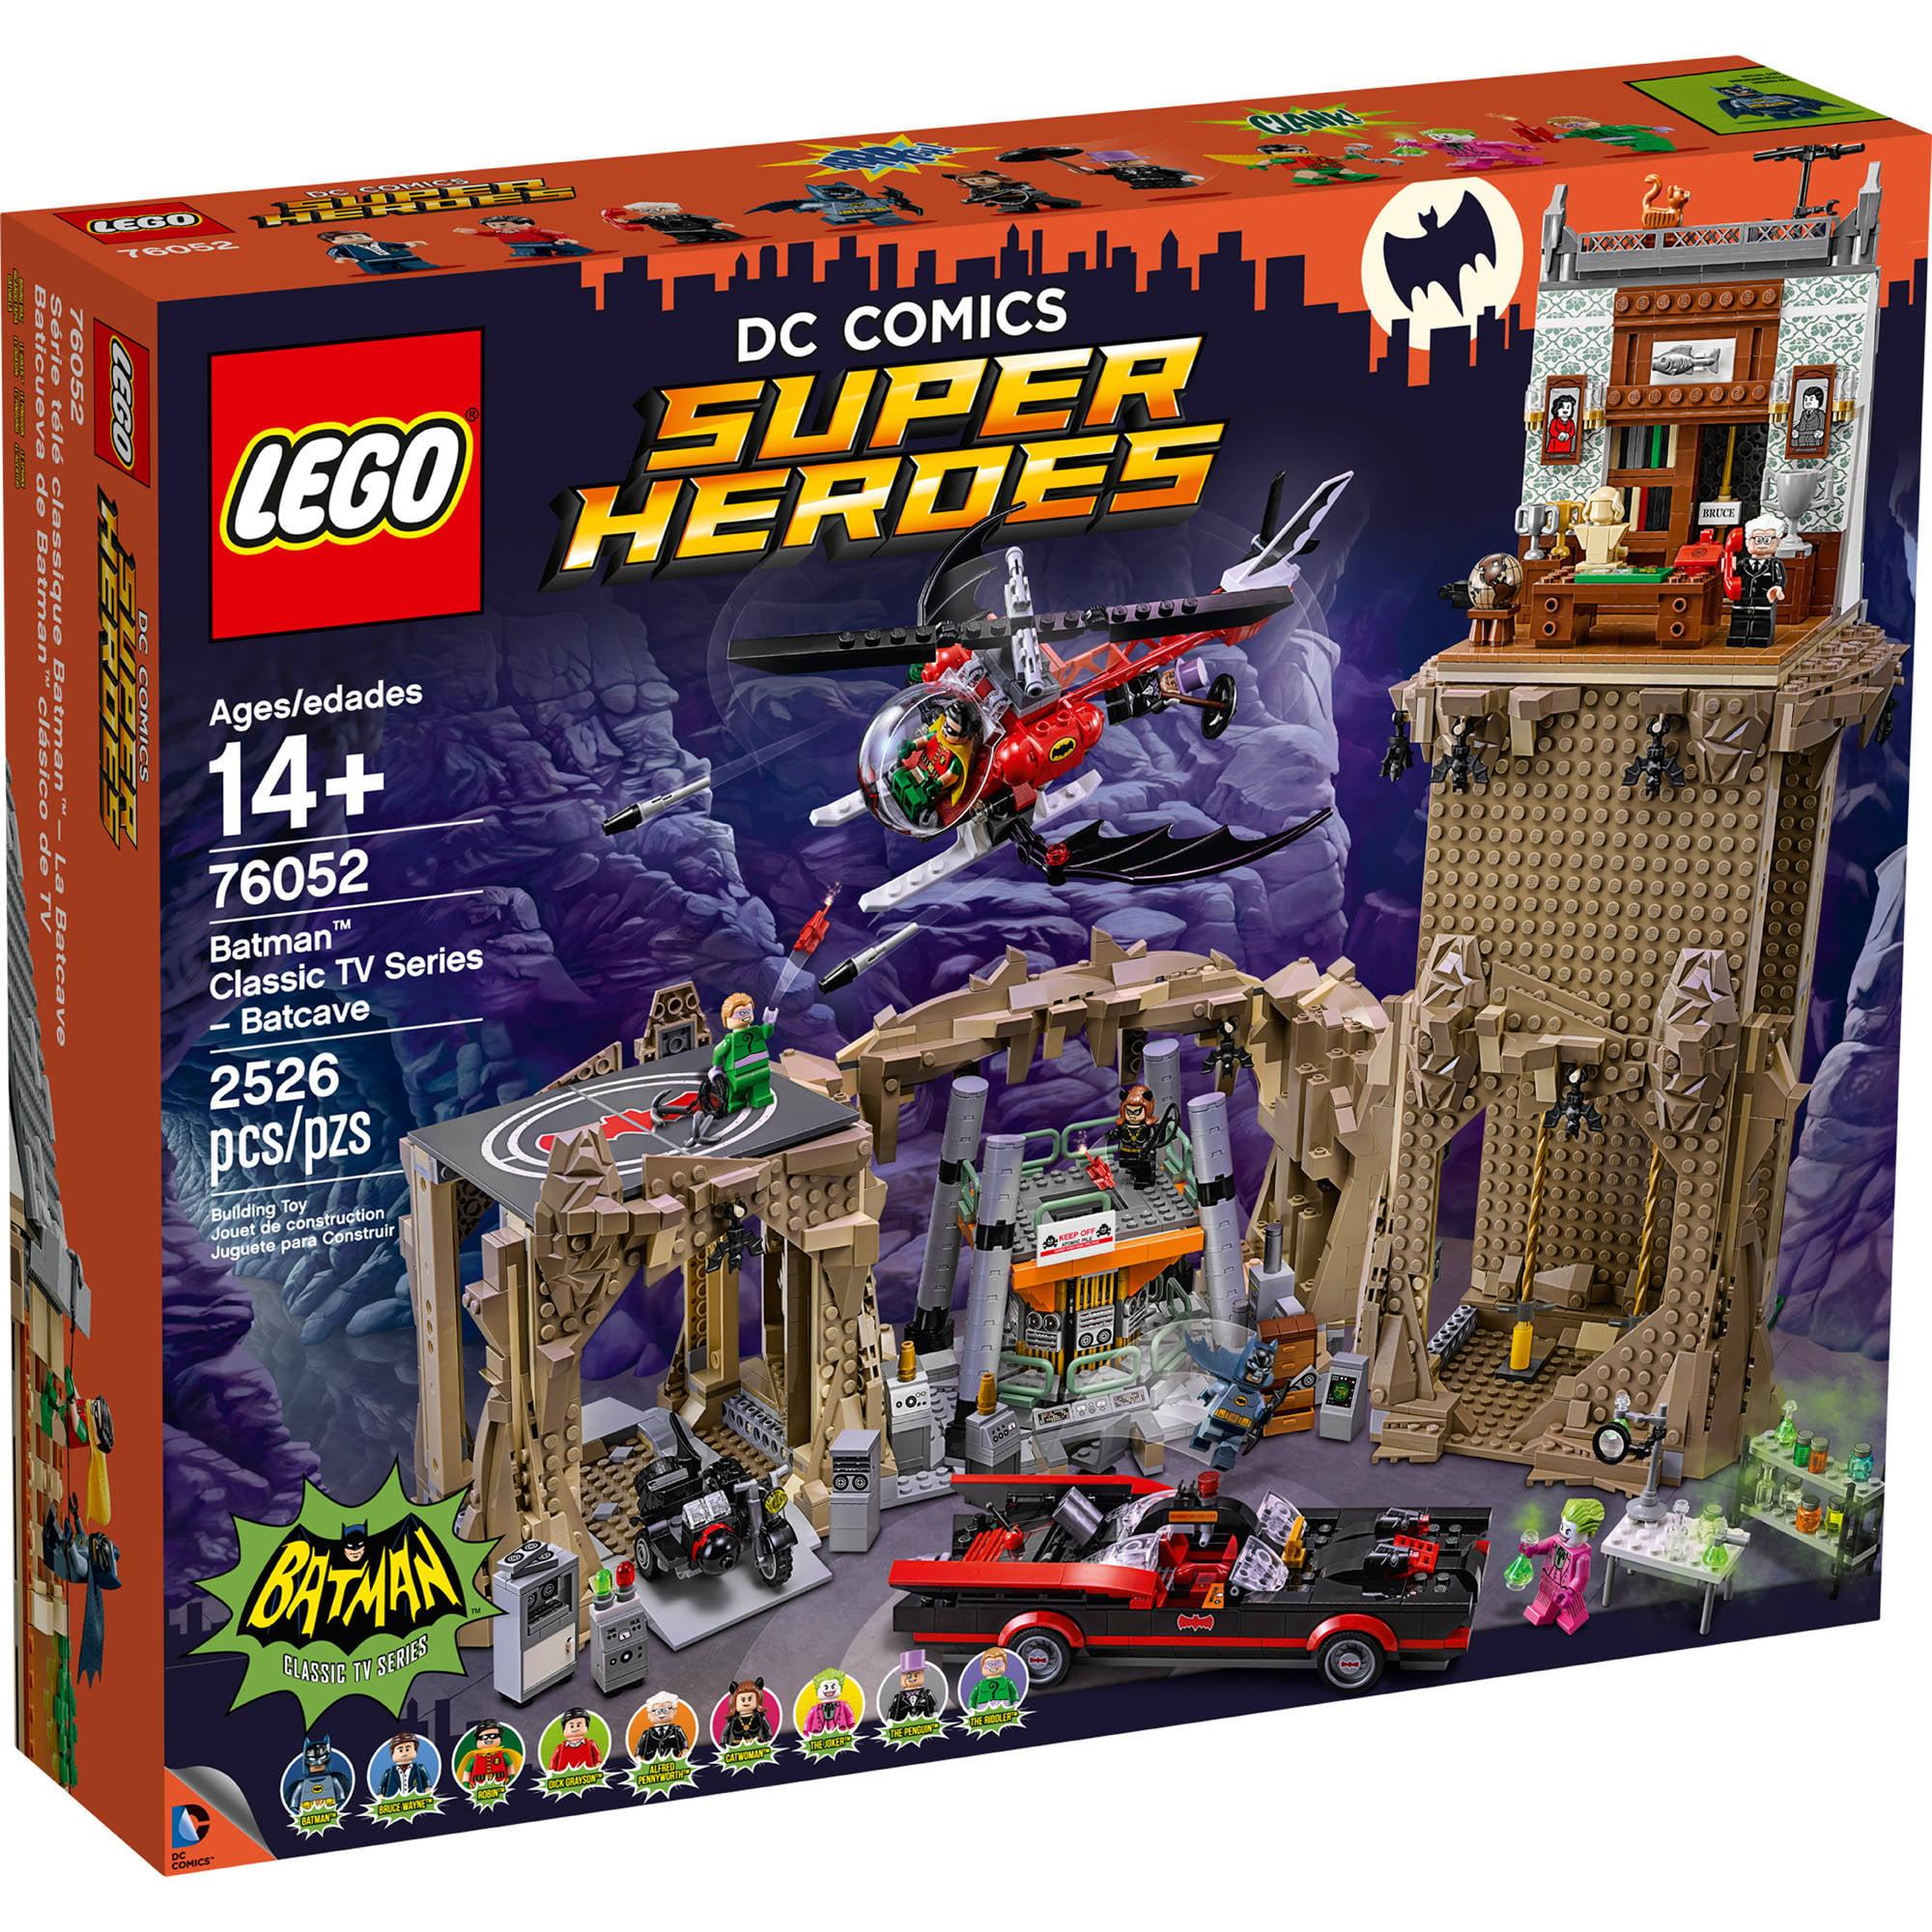 LEGO Super Heroes Batman Classic TV Series-Batcave 76052